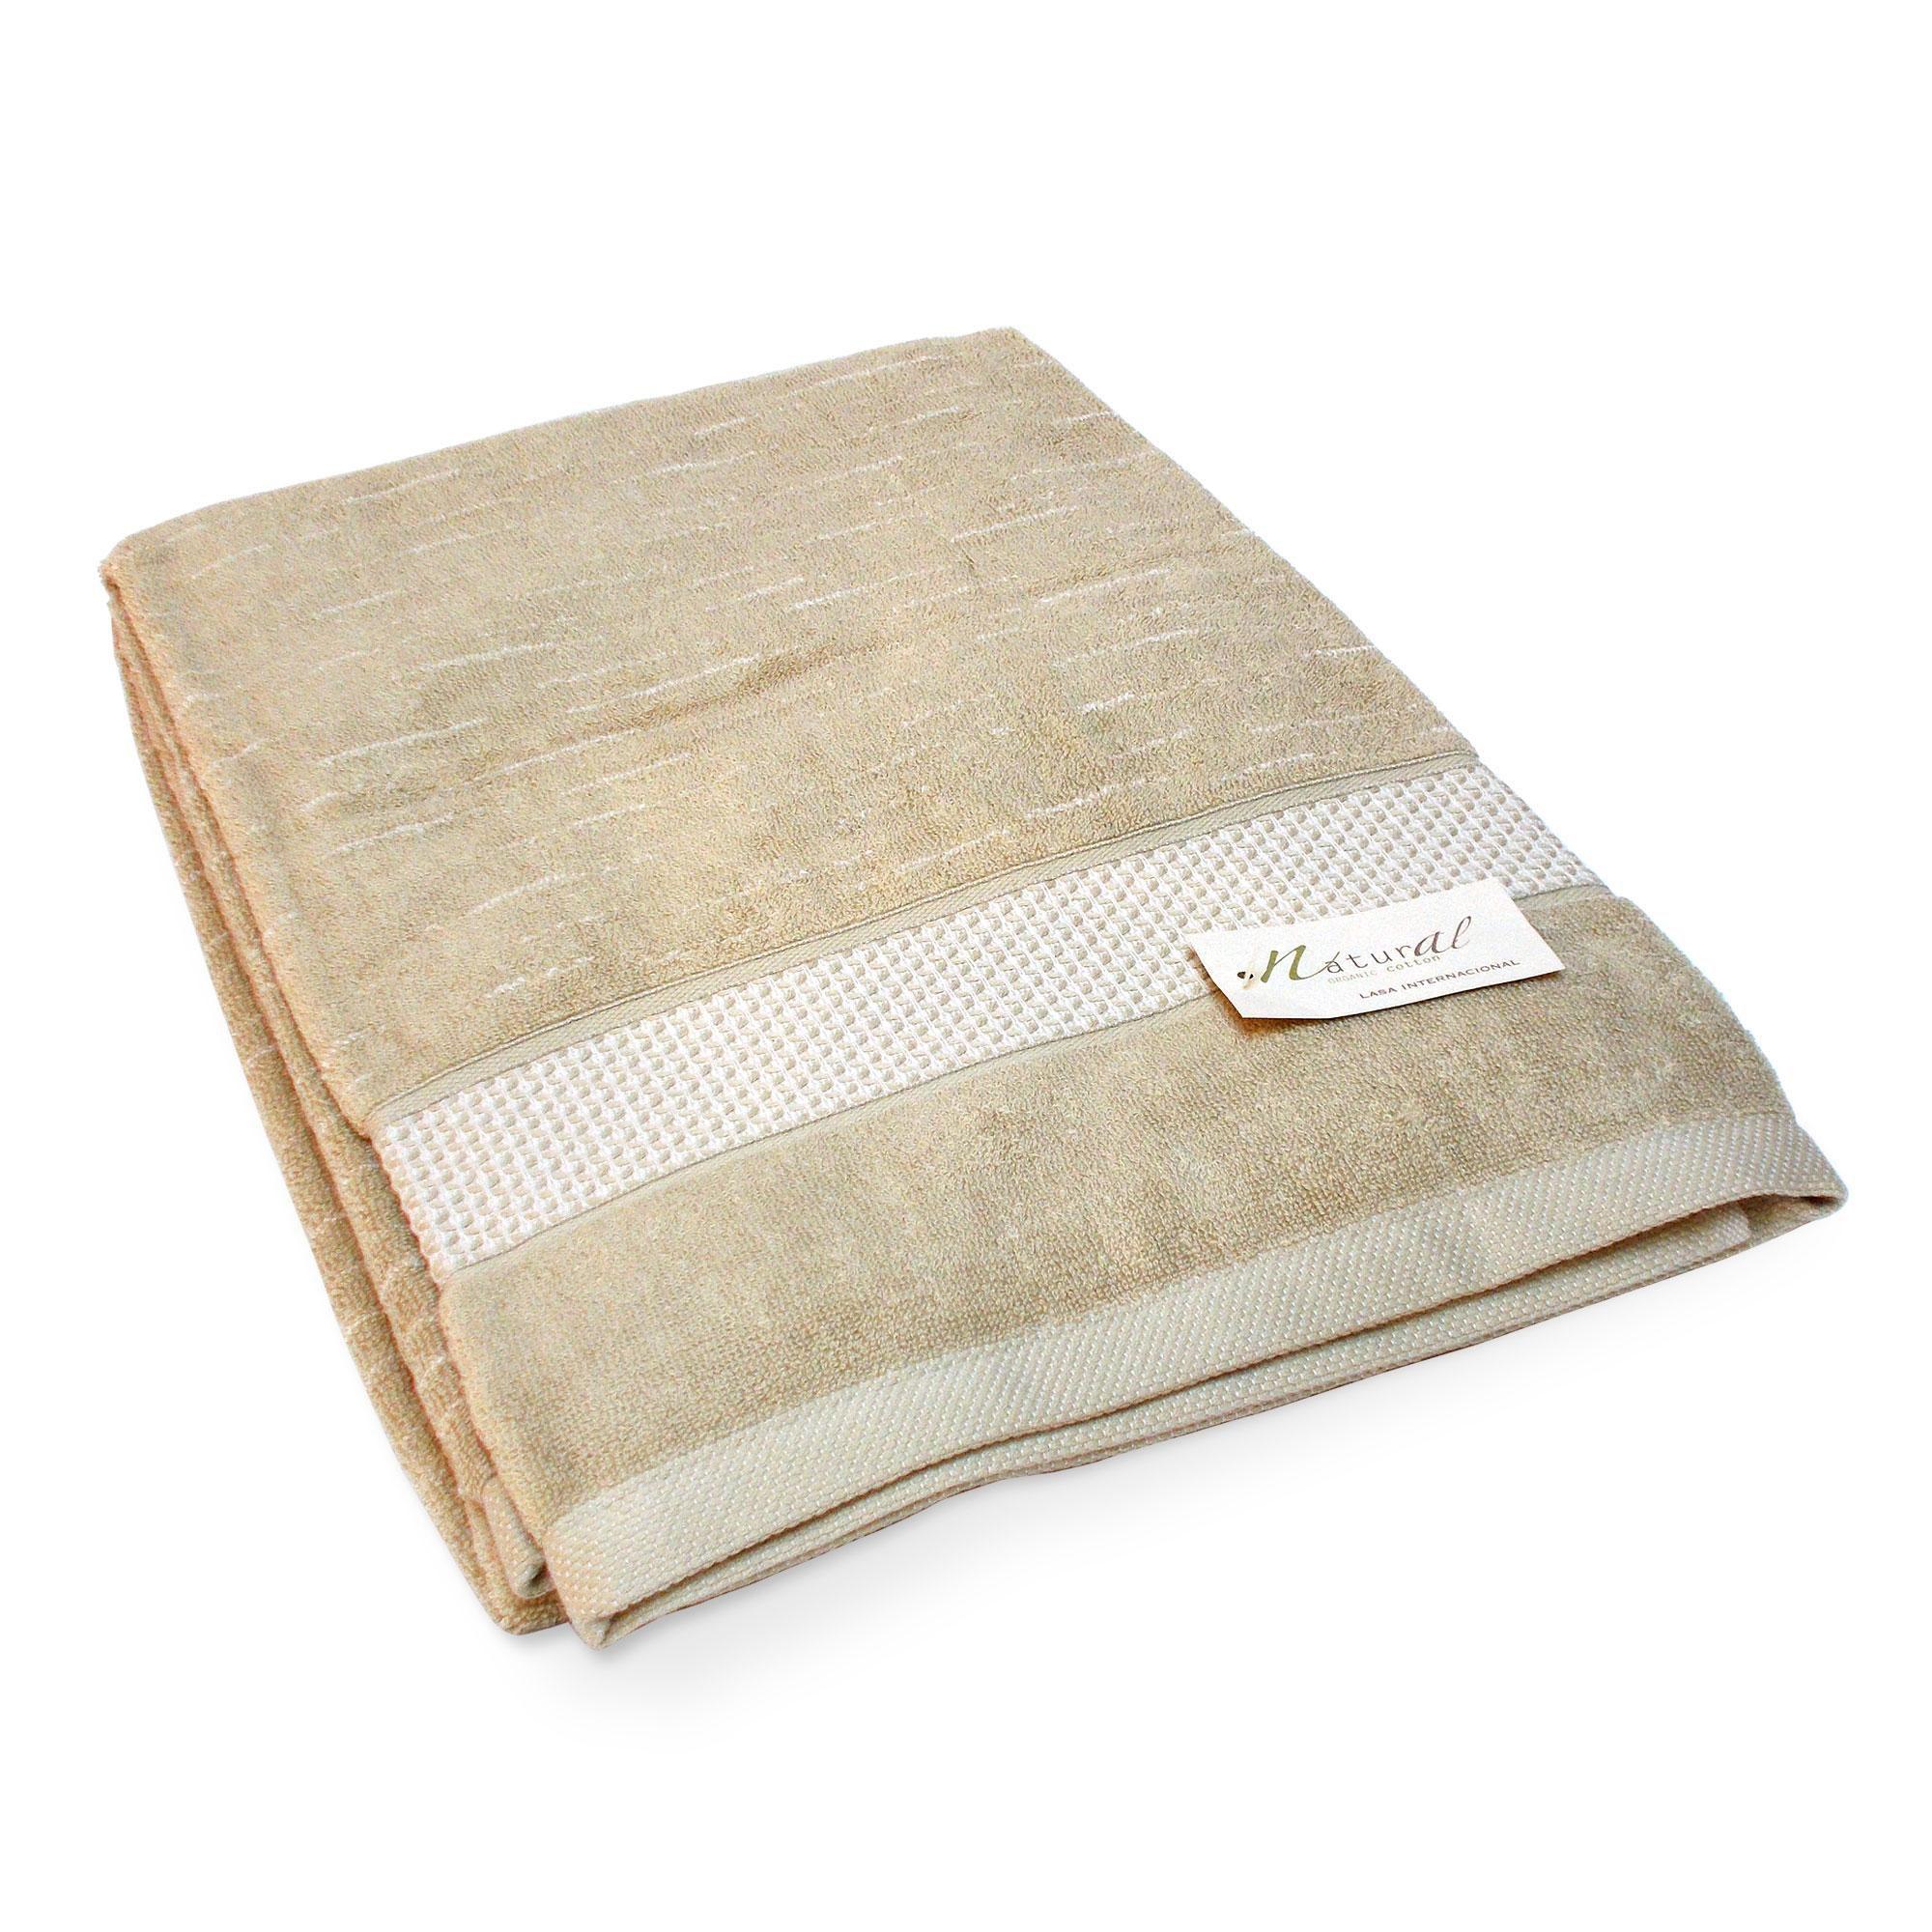 drap de bain 90x200 cm ficus vert 500 g m2 pur achat vente serviettes de bain cdiscount. Black Bedroom Furniture Sets. Home Design Ideas